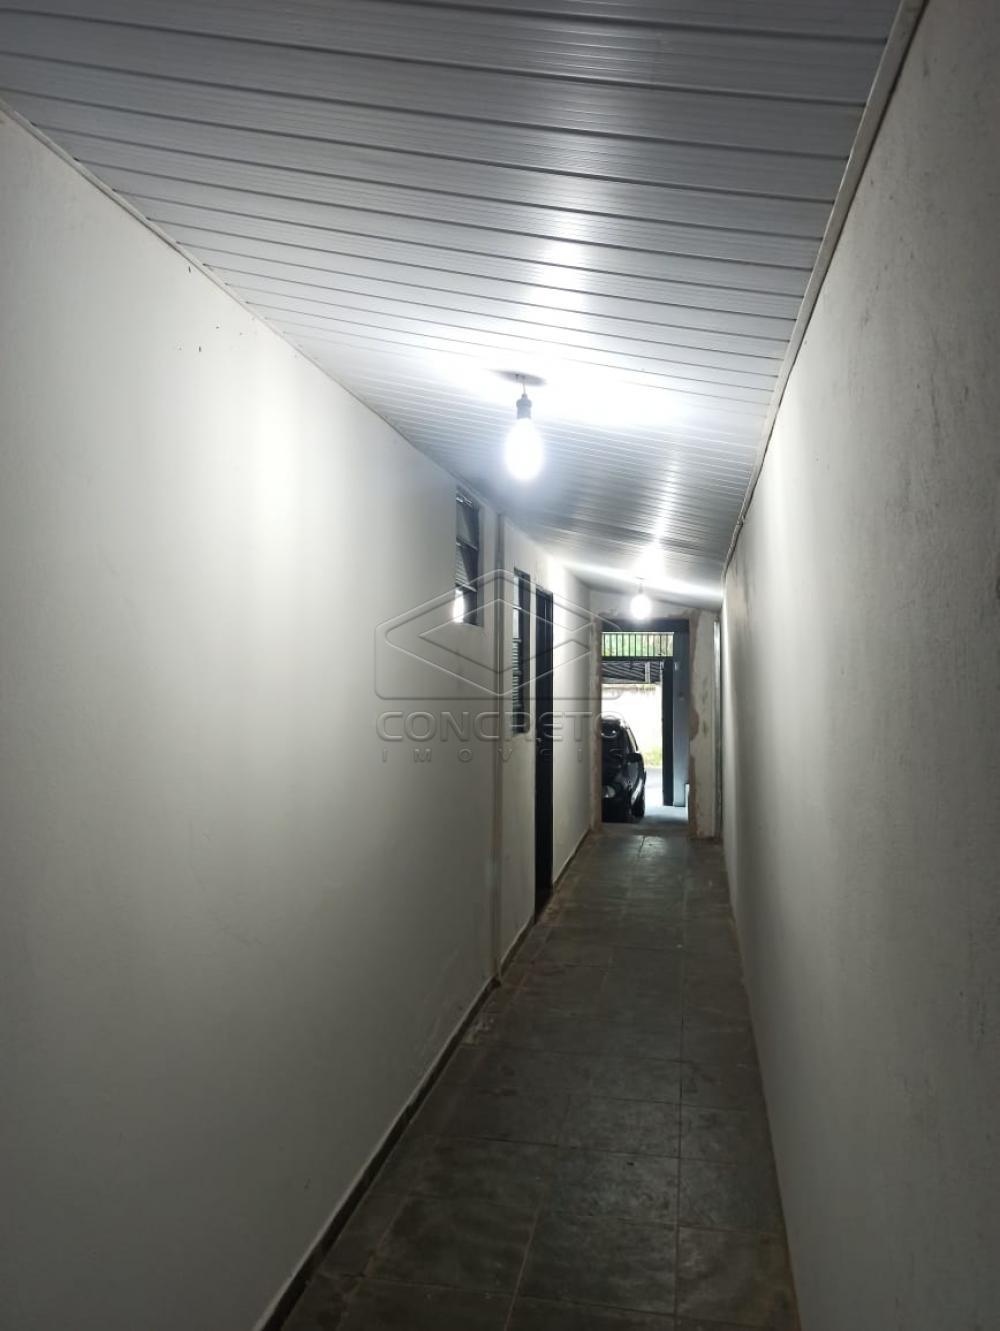 Alugar Casa / Padrão em Bauru R$ 900,00 - Foto 3